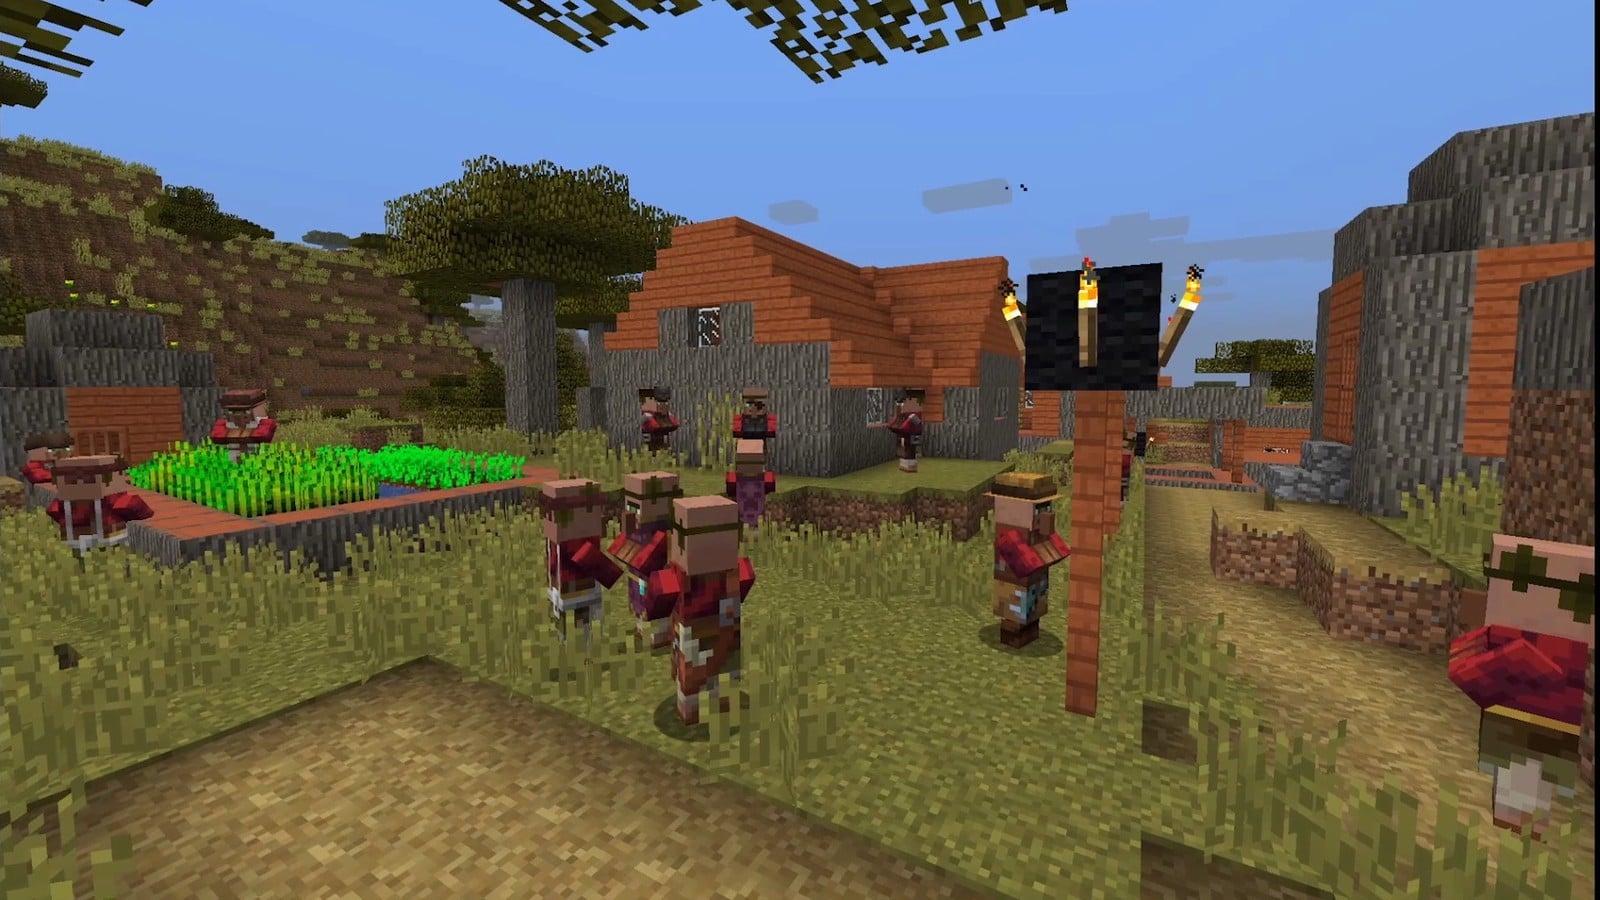 Pamiętacie jeszcze Minecrafta? Teraz to druga najlepiej sprzedająca się gra w historii, zaraz za Tetrisem